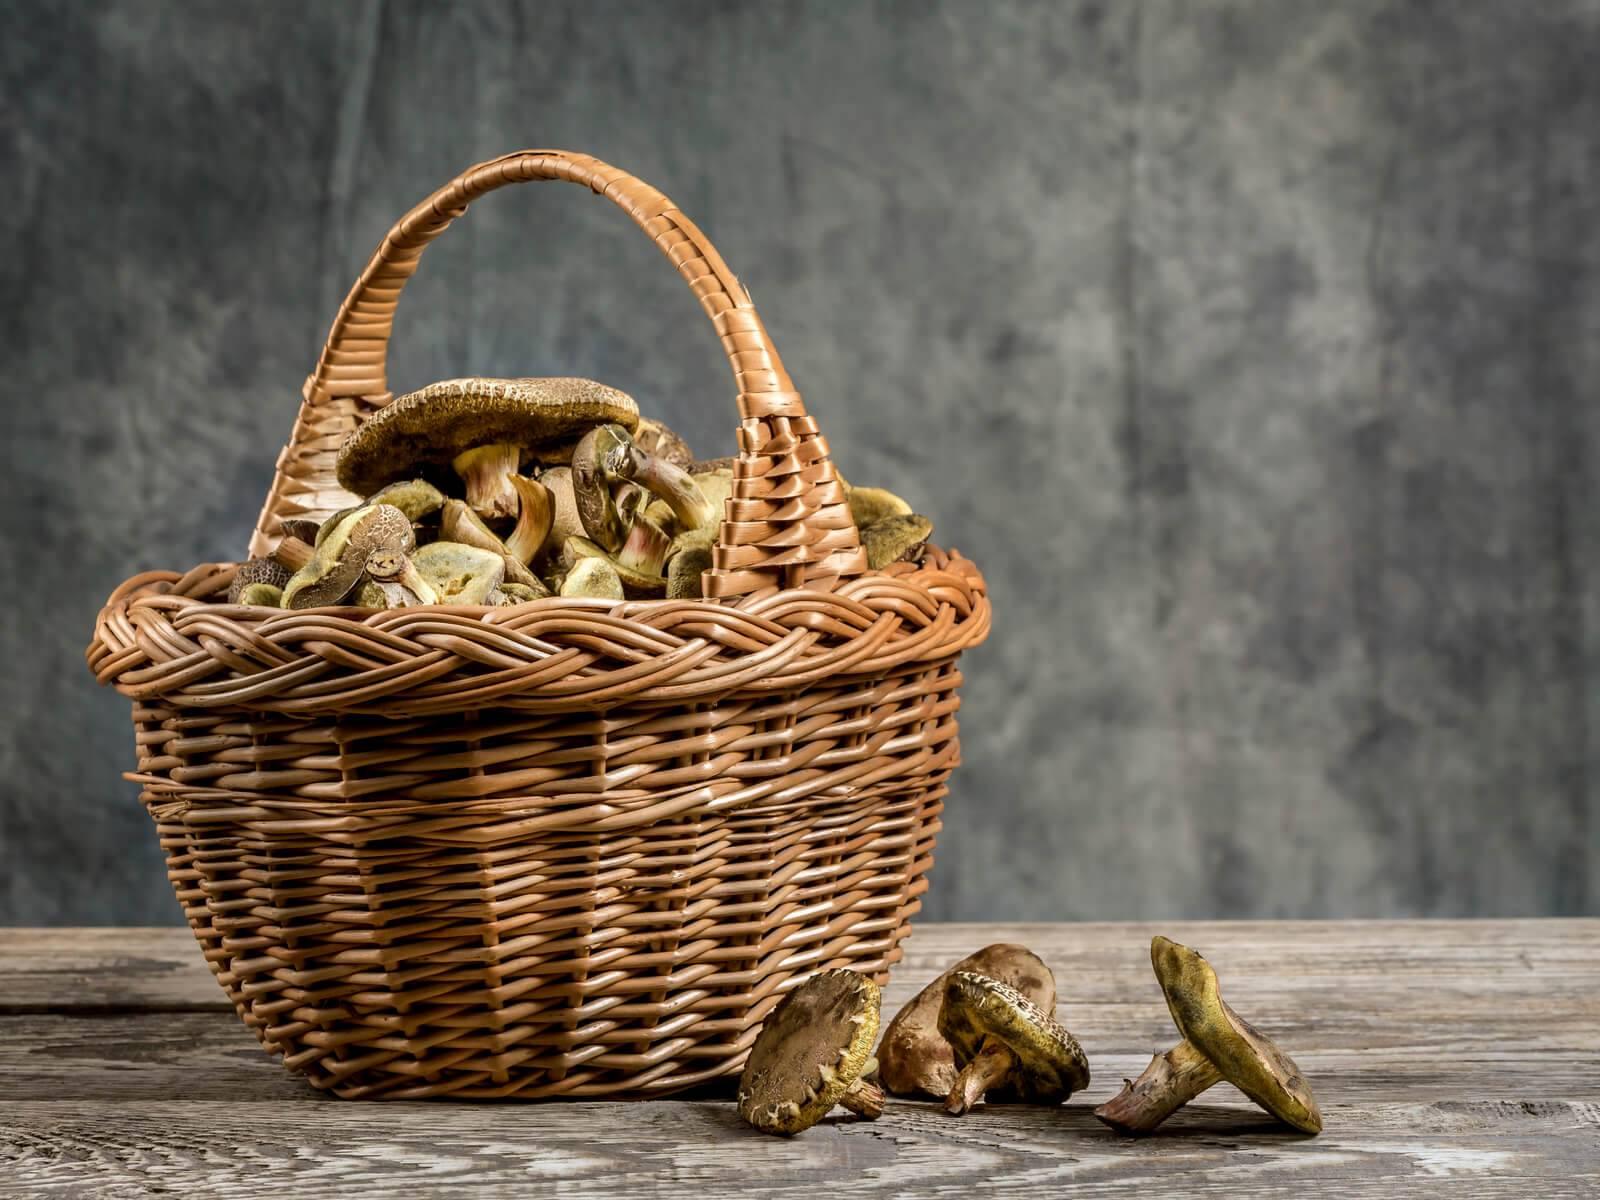 Champignons des applis pour une cueillette high tech - Application pour reconnaitre les champignons ...